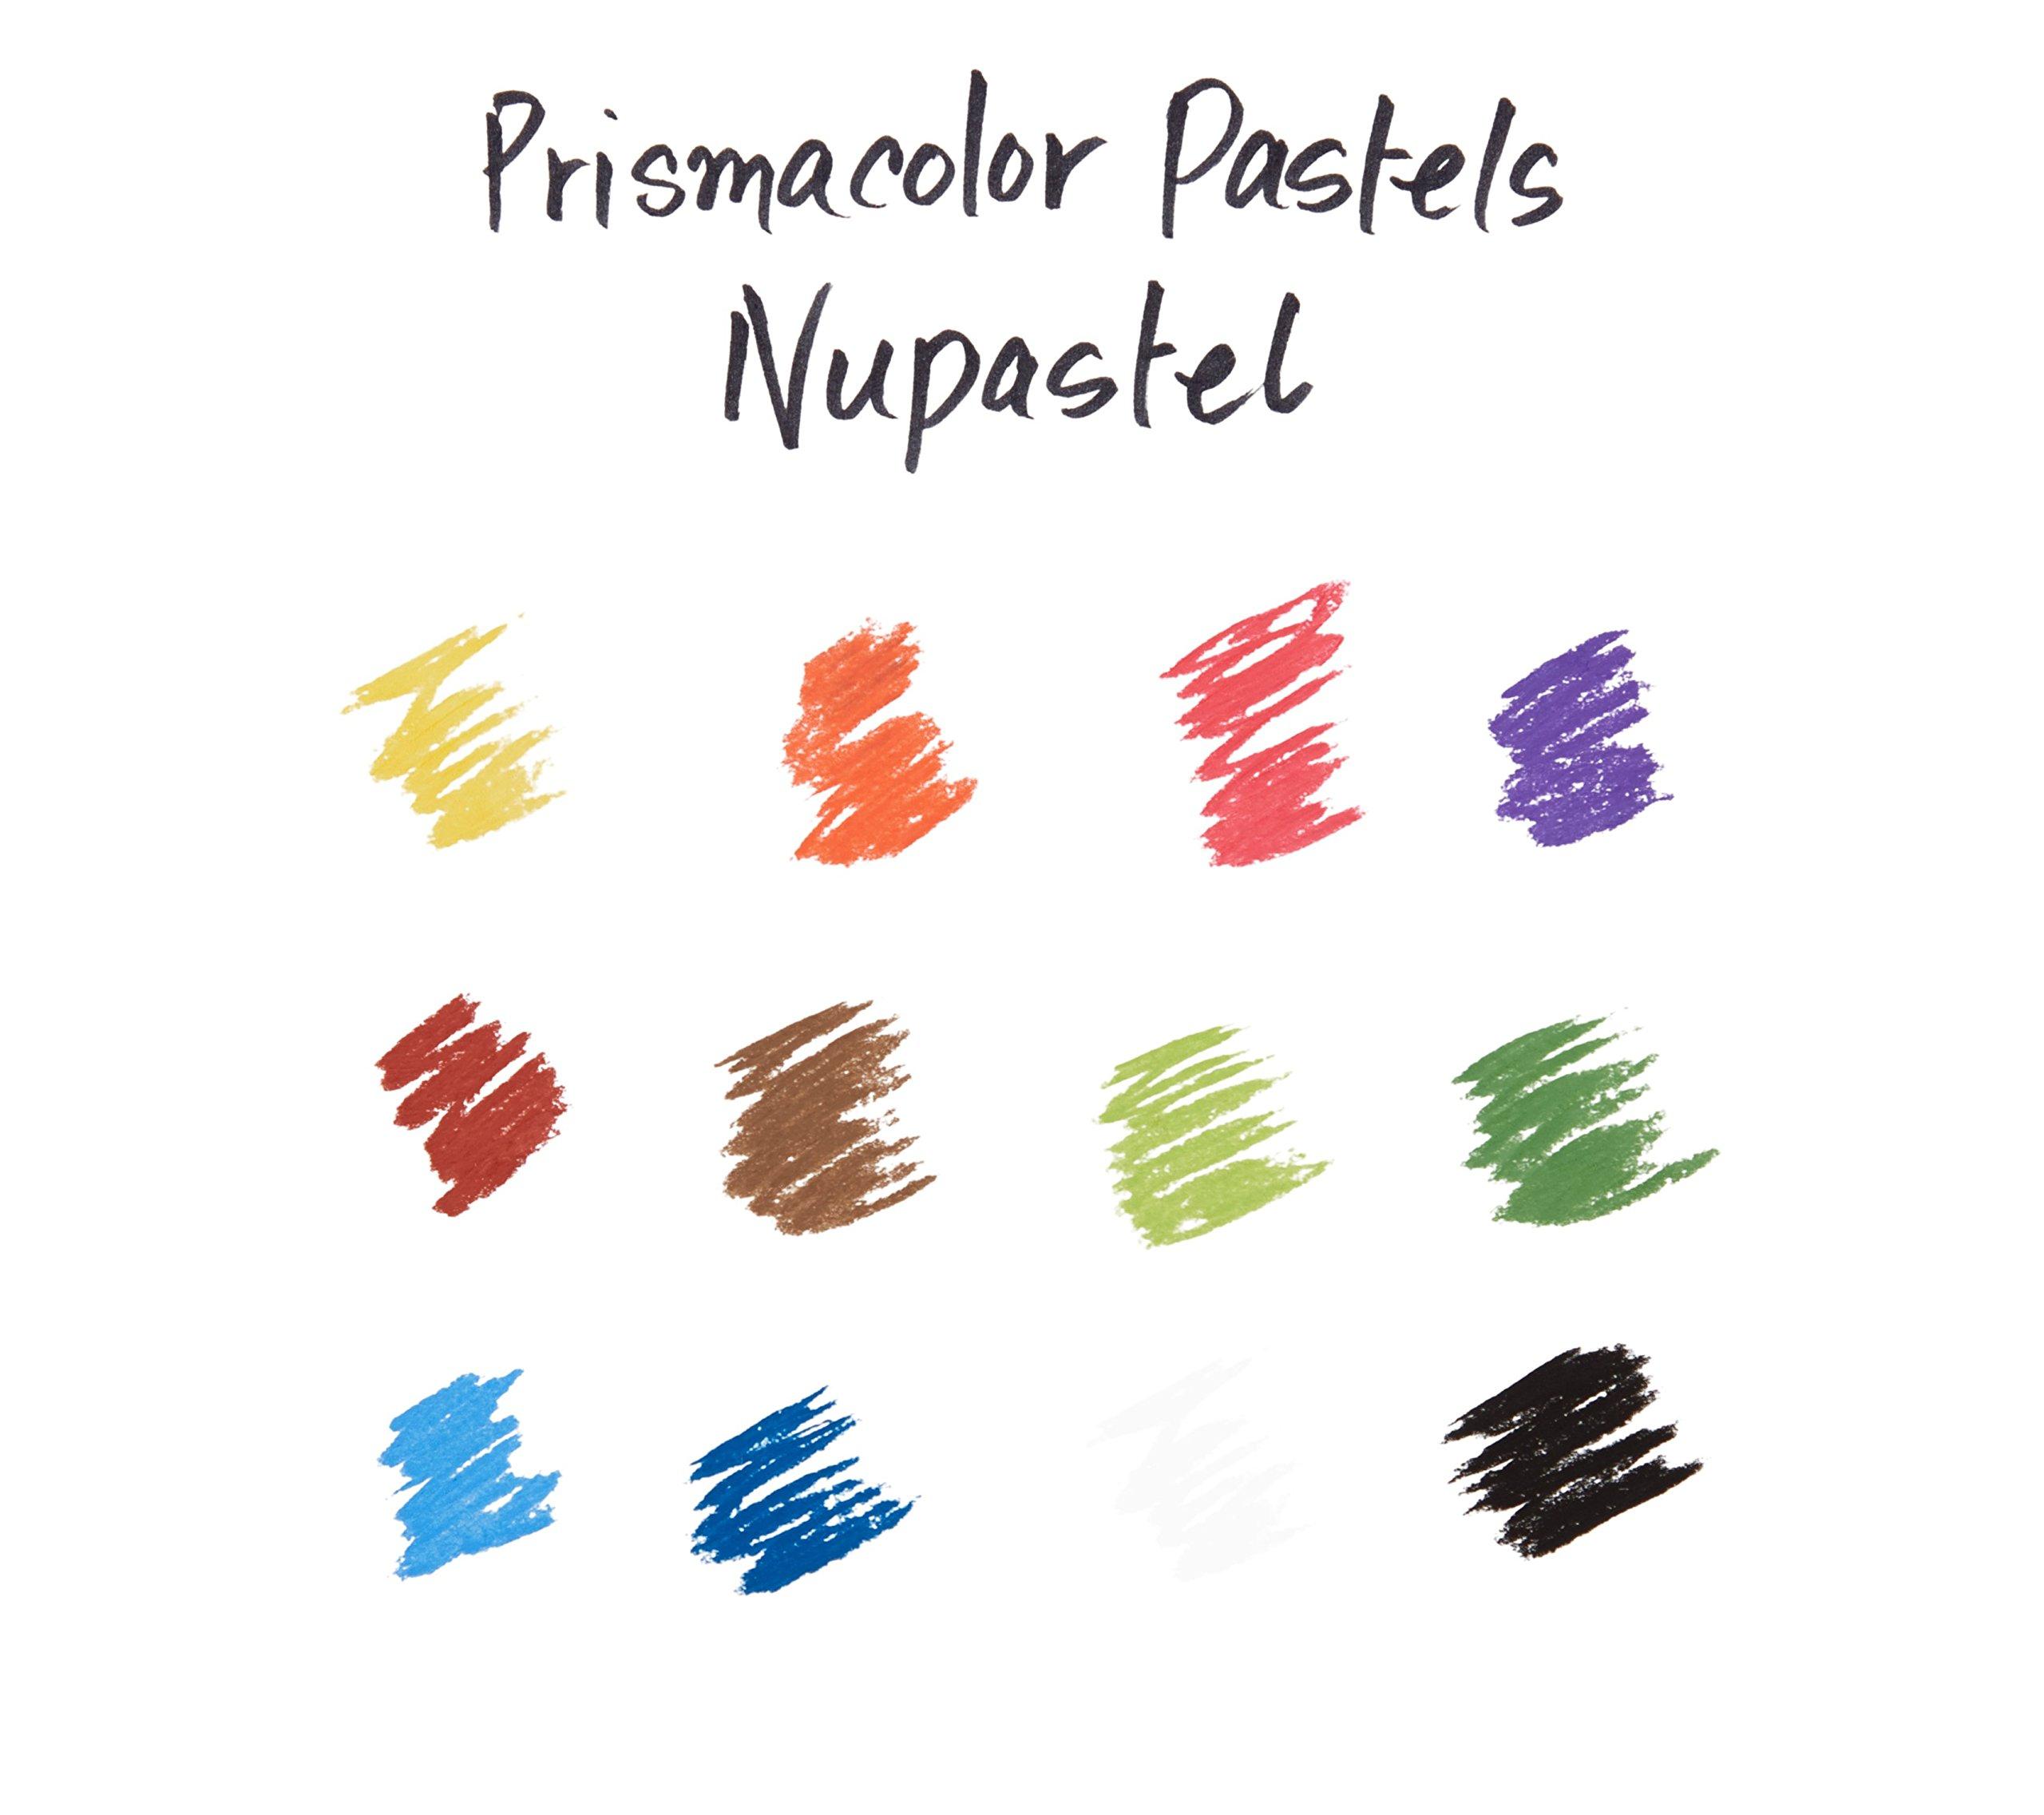 Prismacolor 27055 Premier NuPastel Firm Pastel Color Sticks, 96-Count by Prismacolor (Image #6)